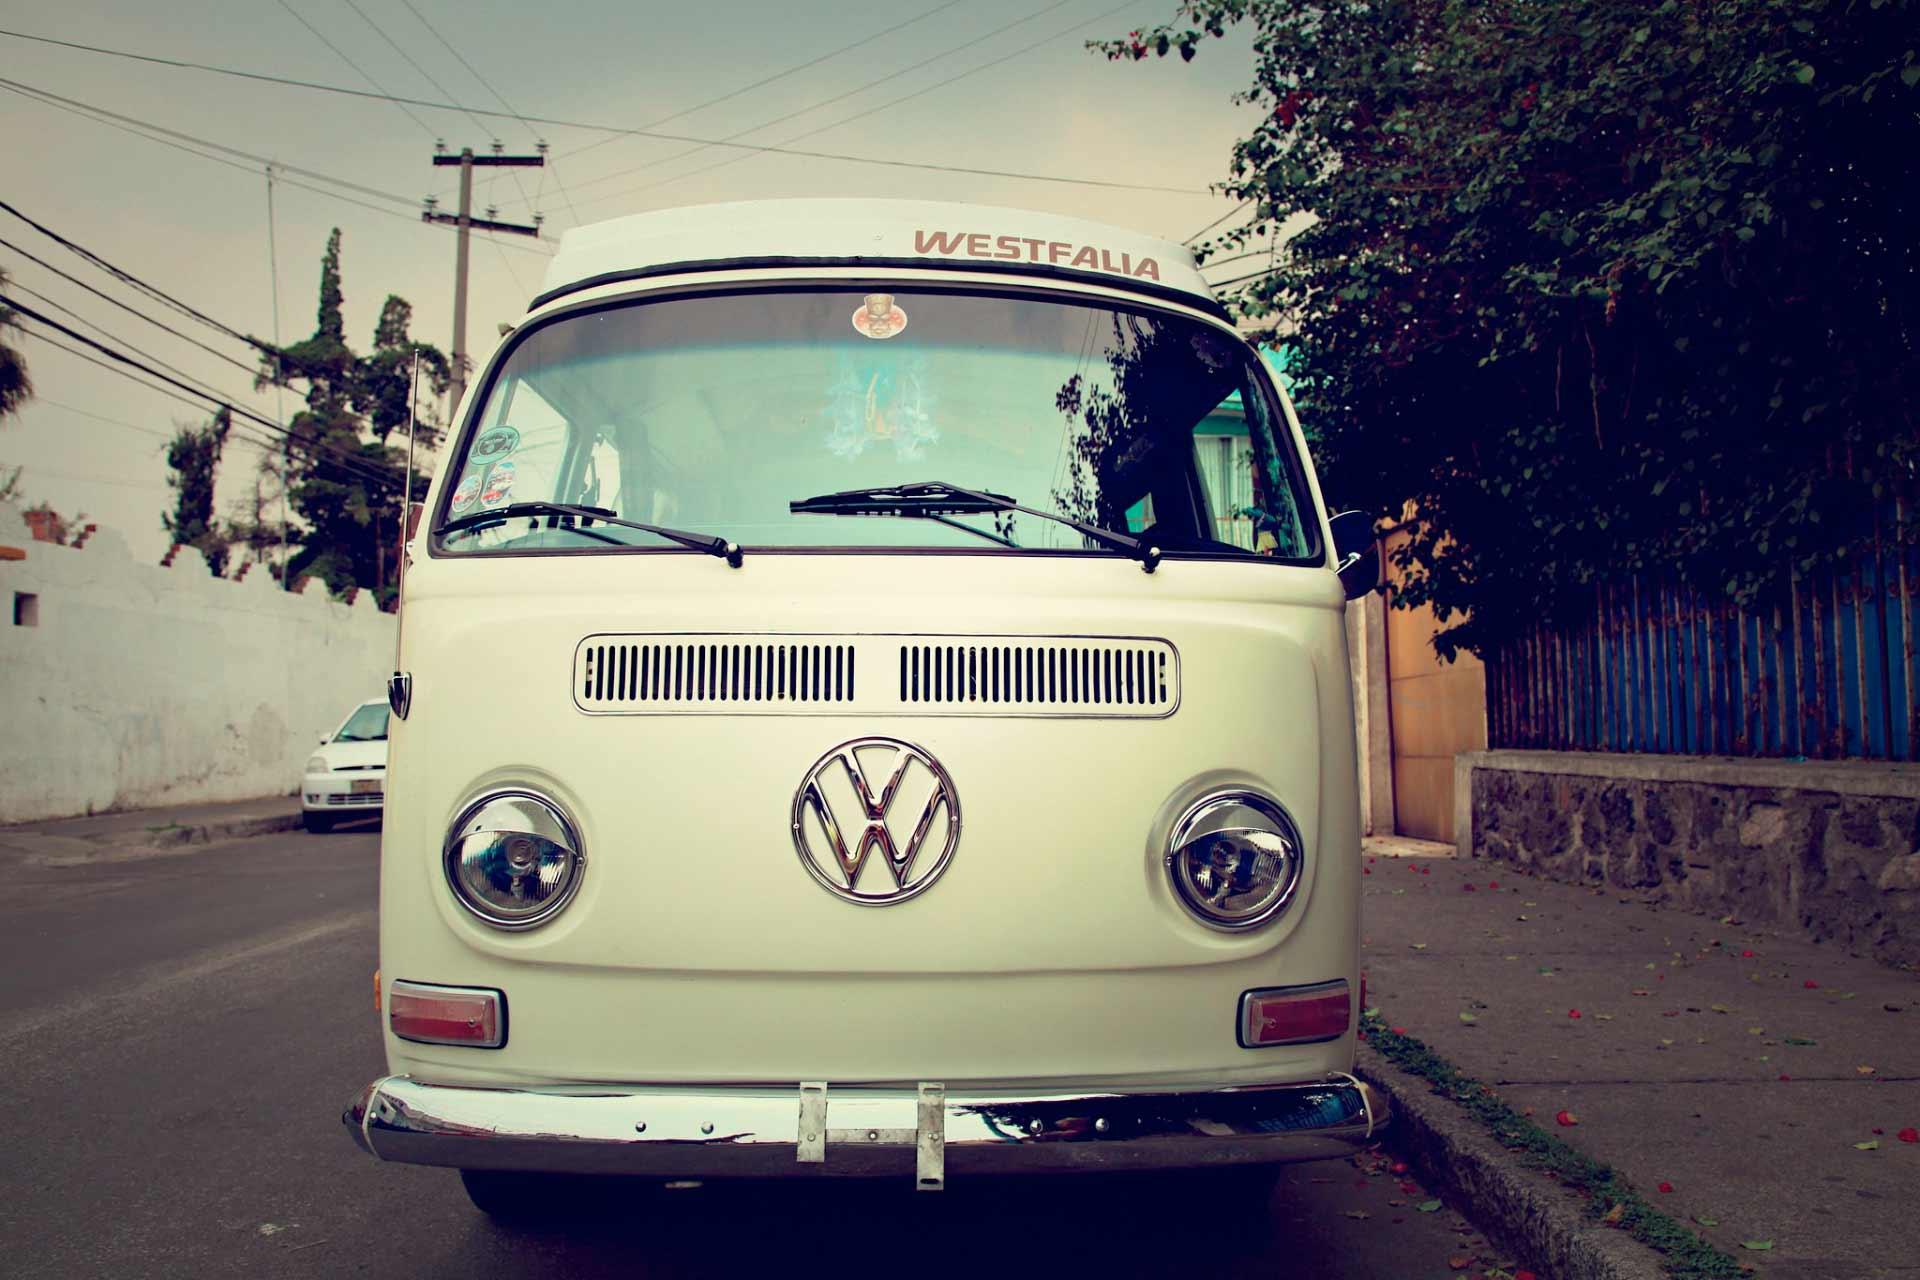 1972 Volkswagen t2 Westfalia | The Wide Open Road